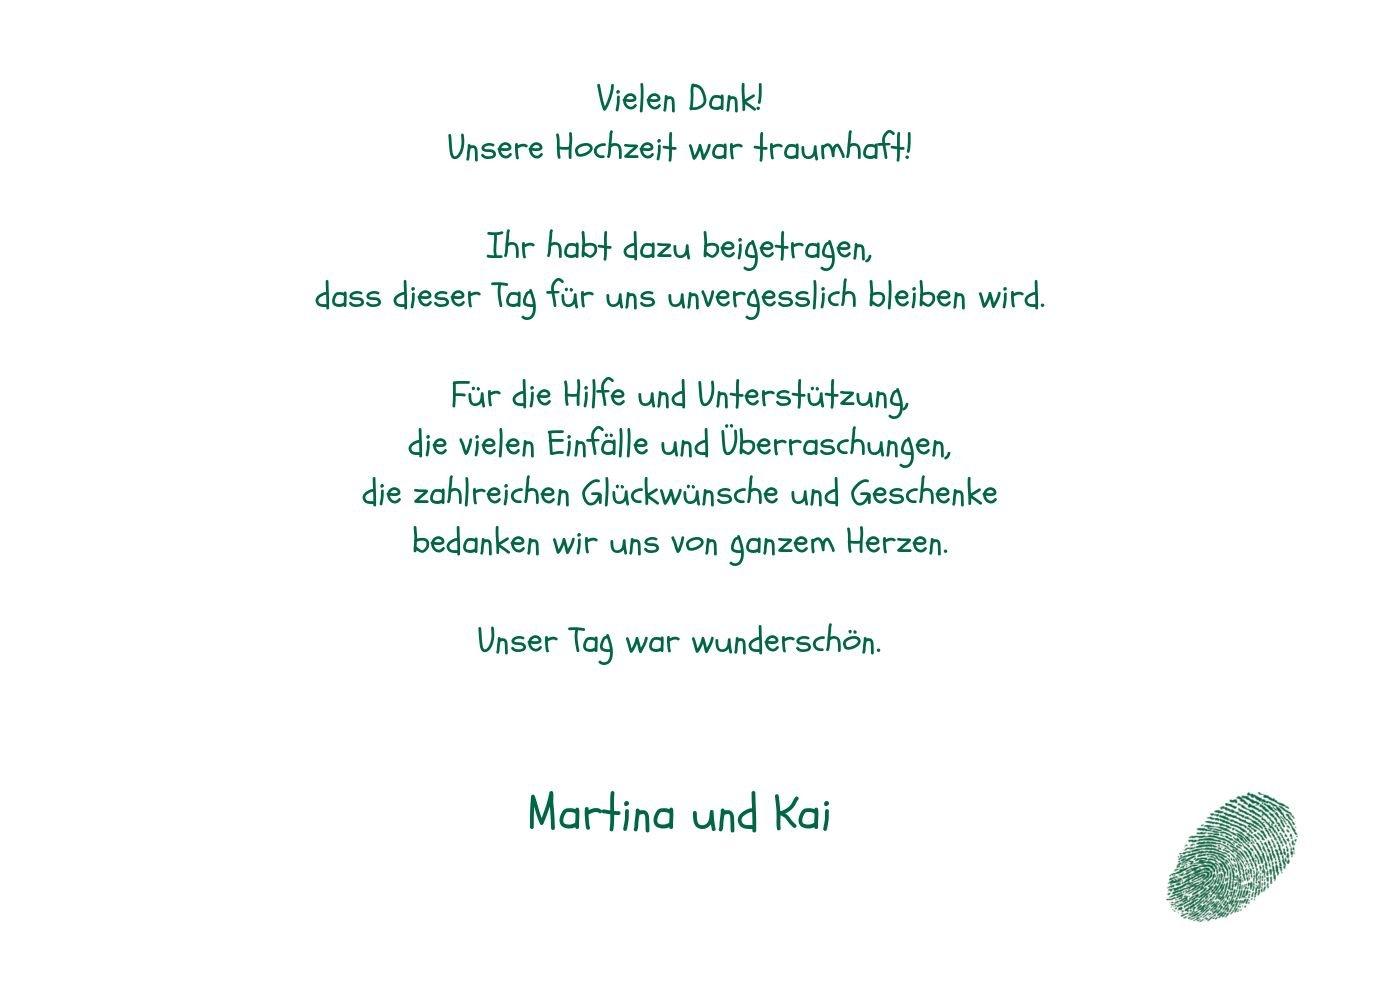 Kartenparadies Danksagung für Hochzeitsgeschenke Hochzeit Hochzeit Hochzeit Dankeskarte fingerprint, hochwertige Danksagungskarte Hochzeitsglückwünsche inklusive Umschläge   20 Karten - (Format  148x105 mm) Farbe  Grau B01MUD28YX | In hohem Grade geschä eb62b6